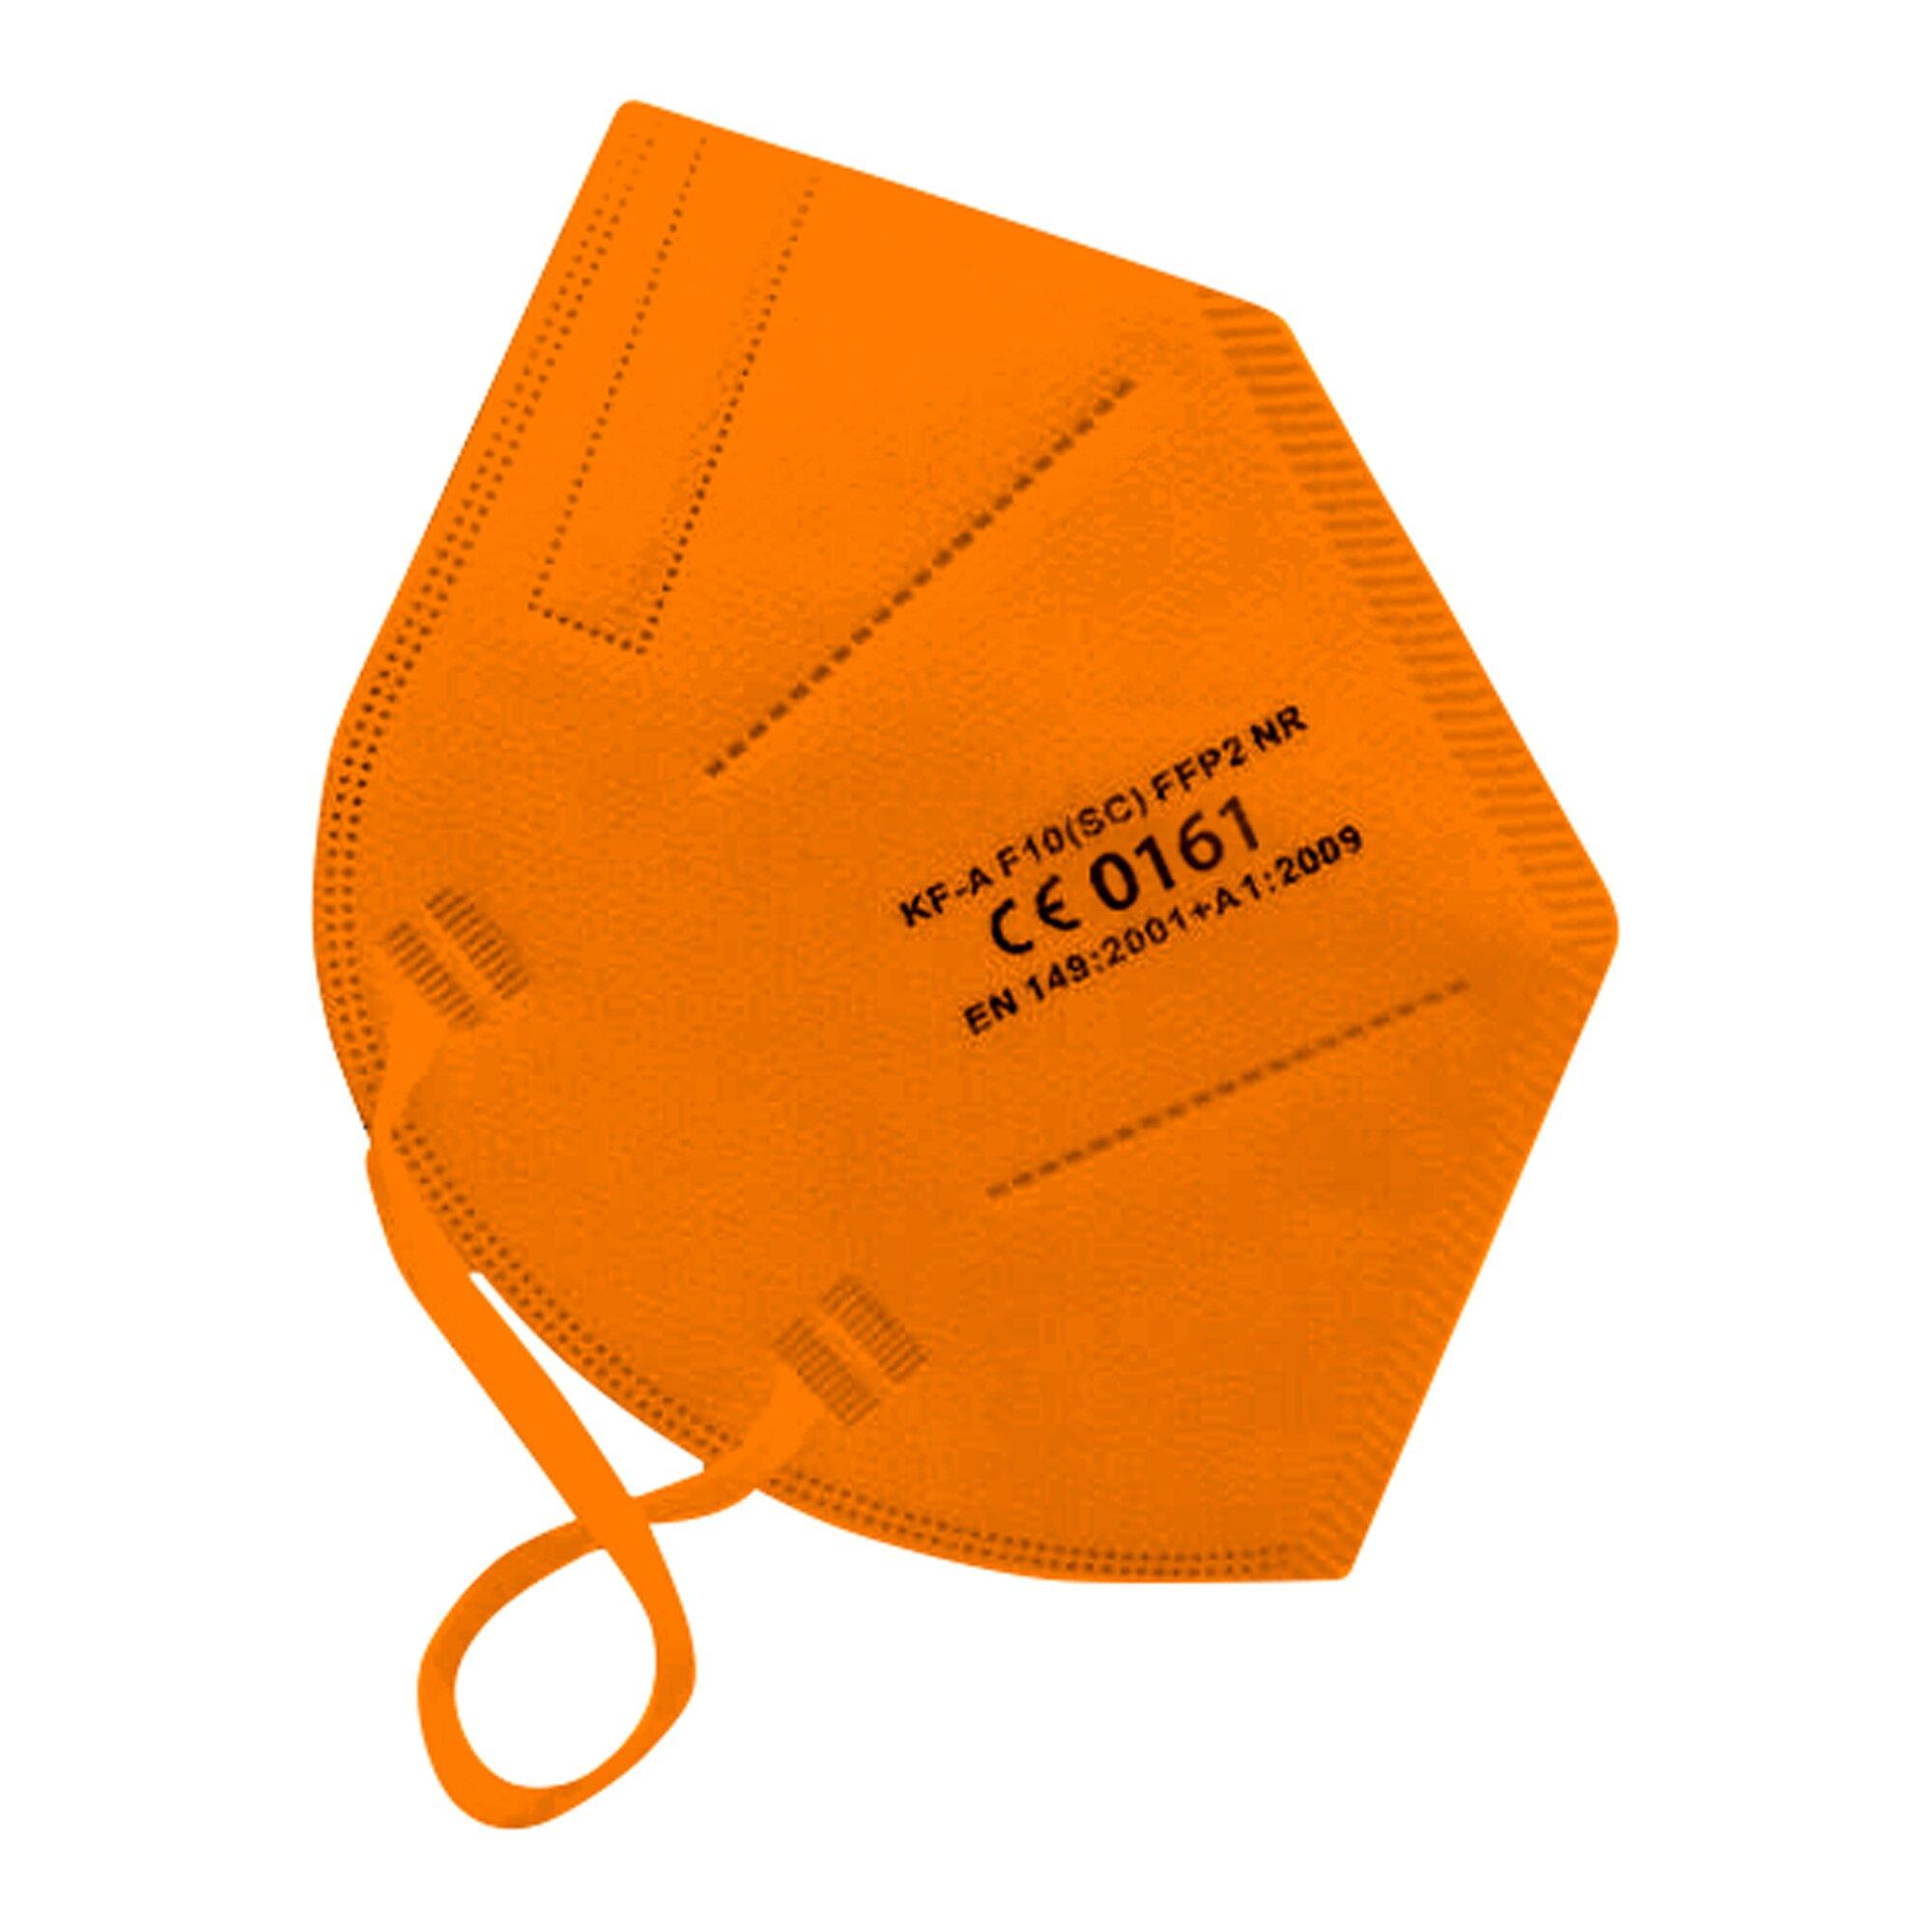 Image of FFP2 Maske, orange